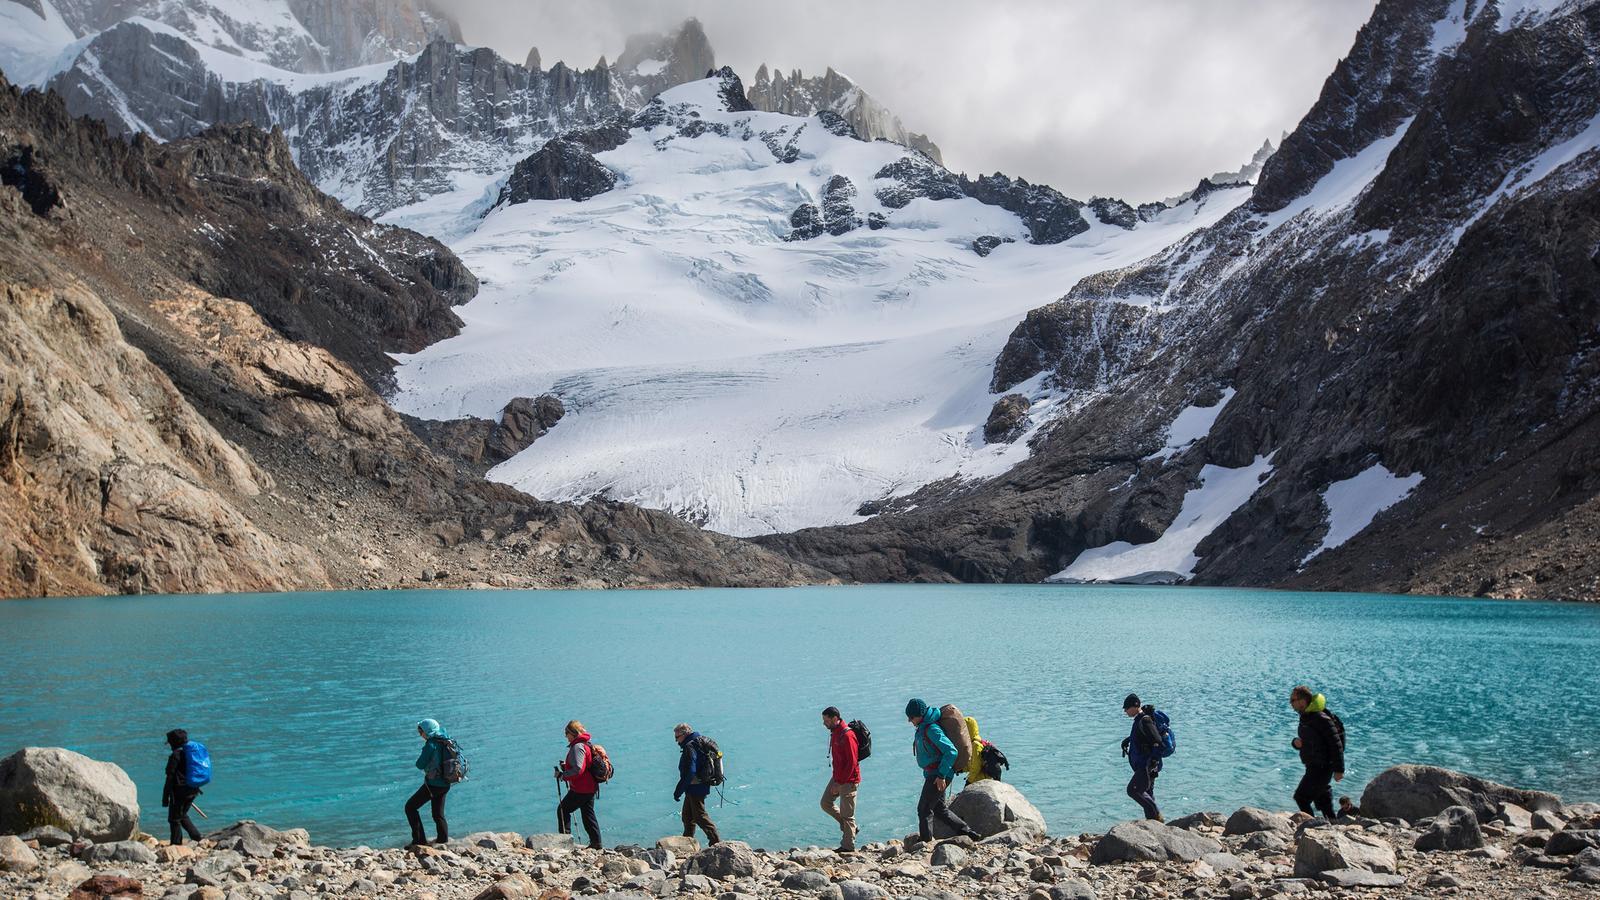 Aktivreise Argentinien mit Patagonien in der Gruppe traveljunkies